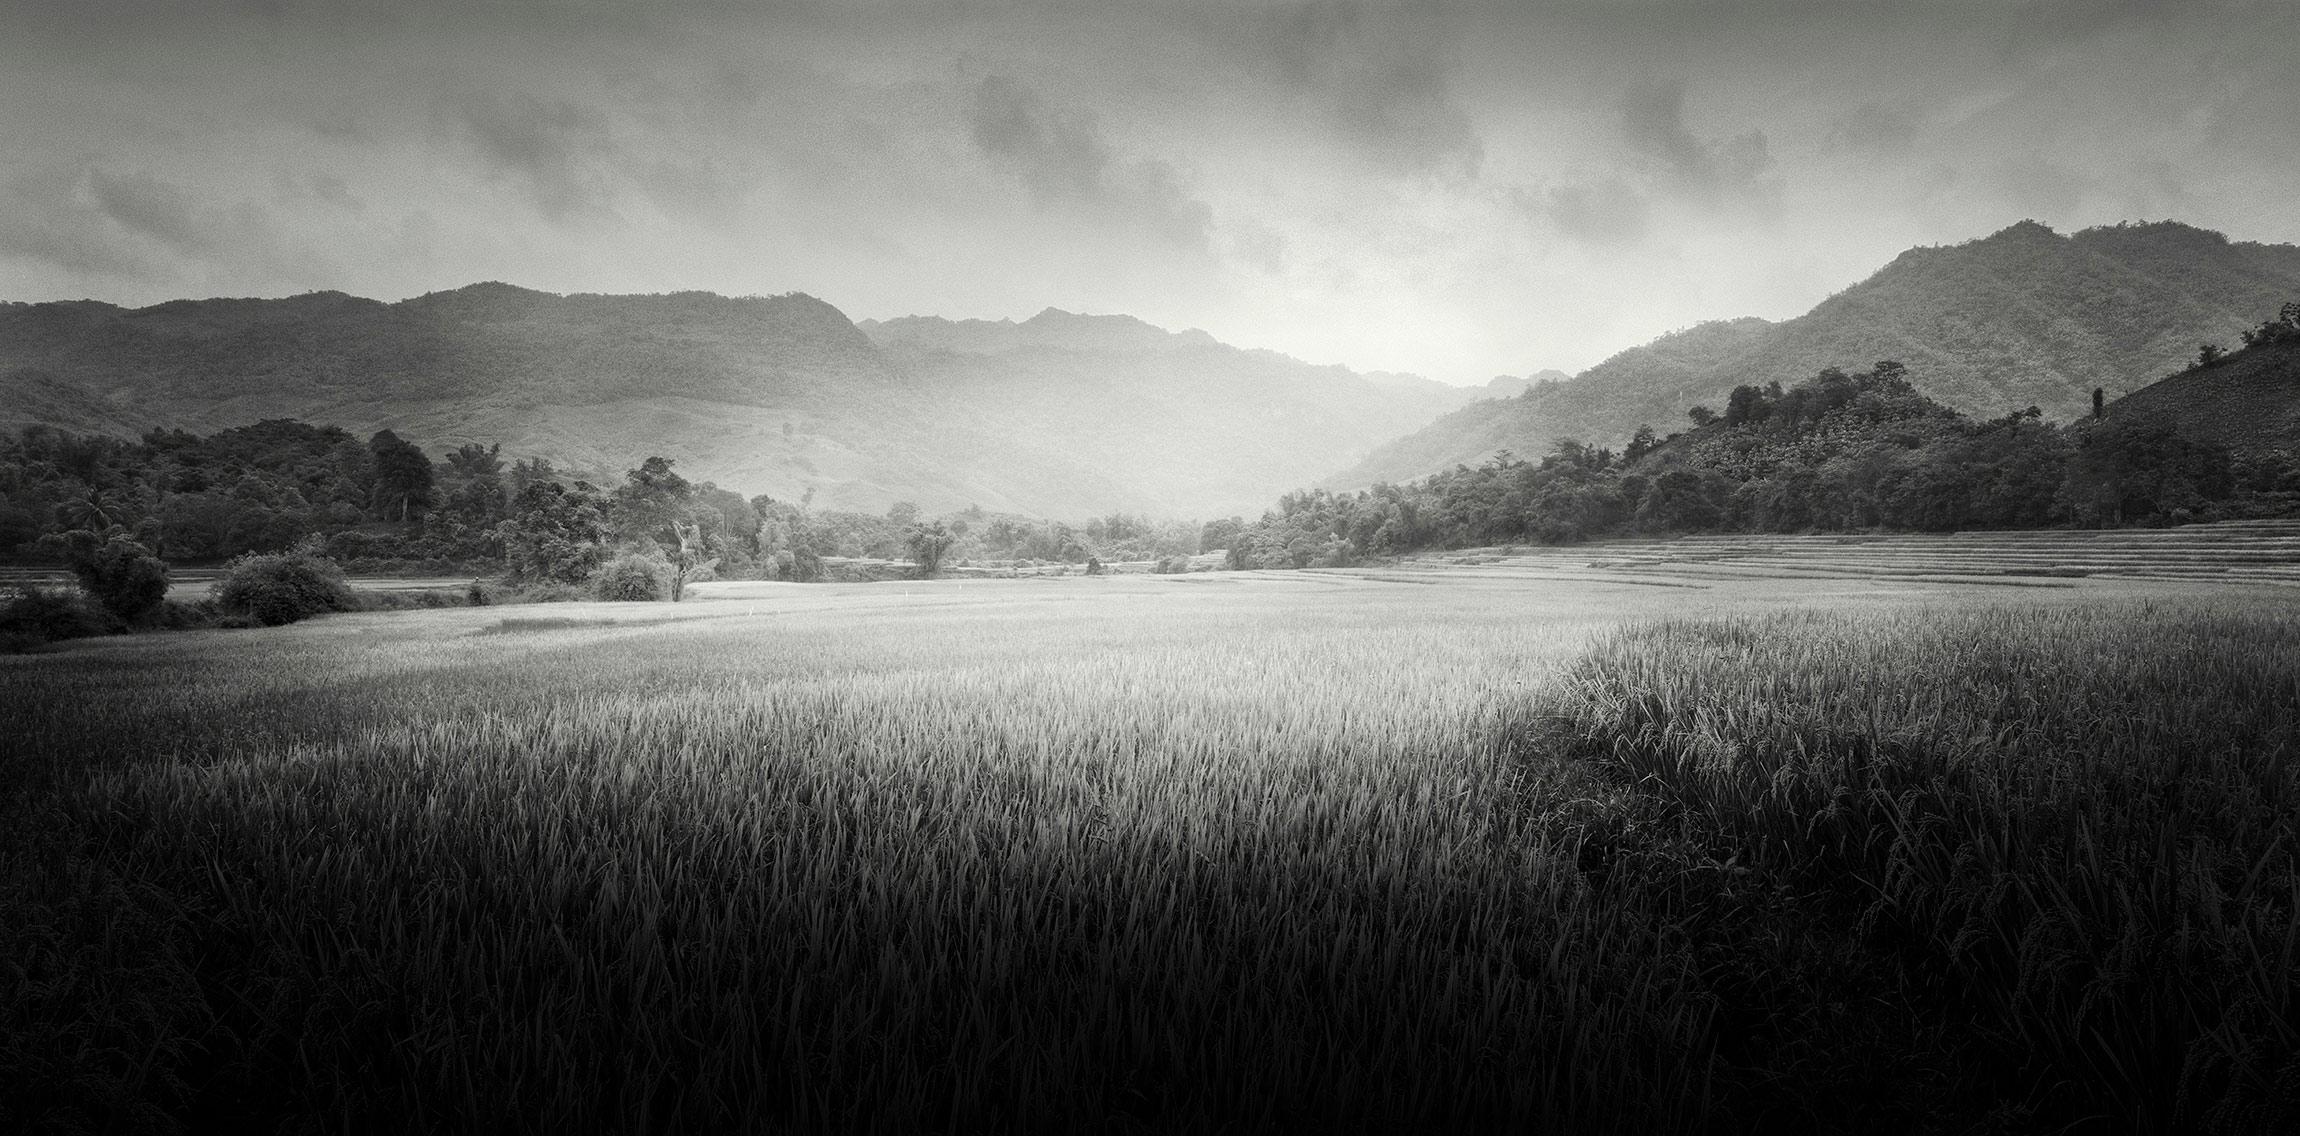 Son-La-Rice,-Son-La-Province,-Vietnam---2000.jpg